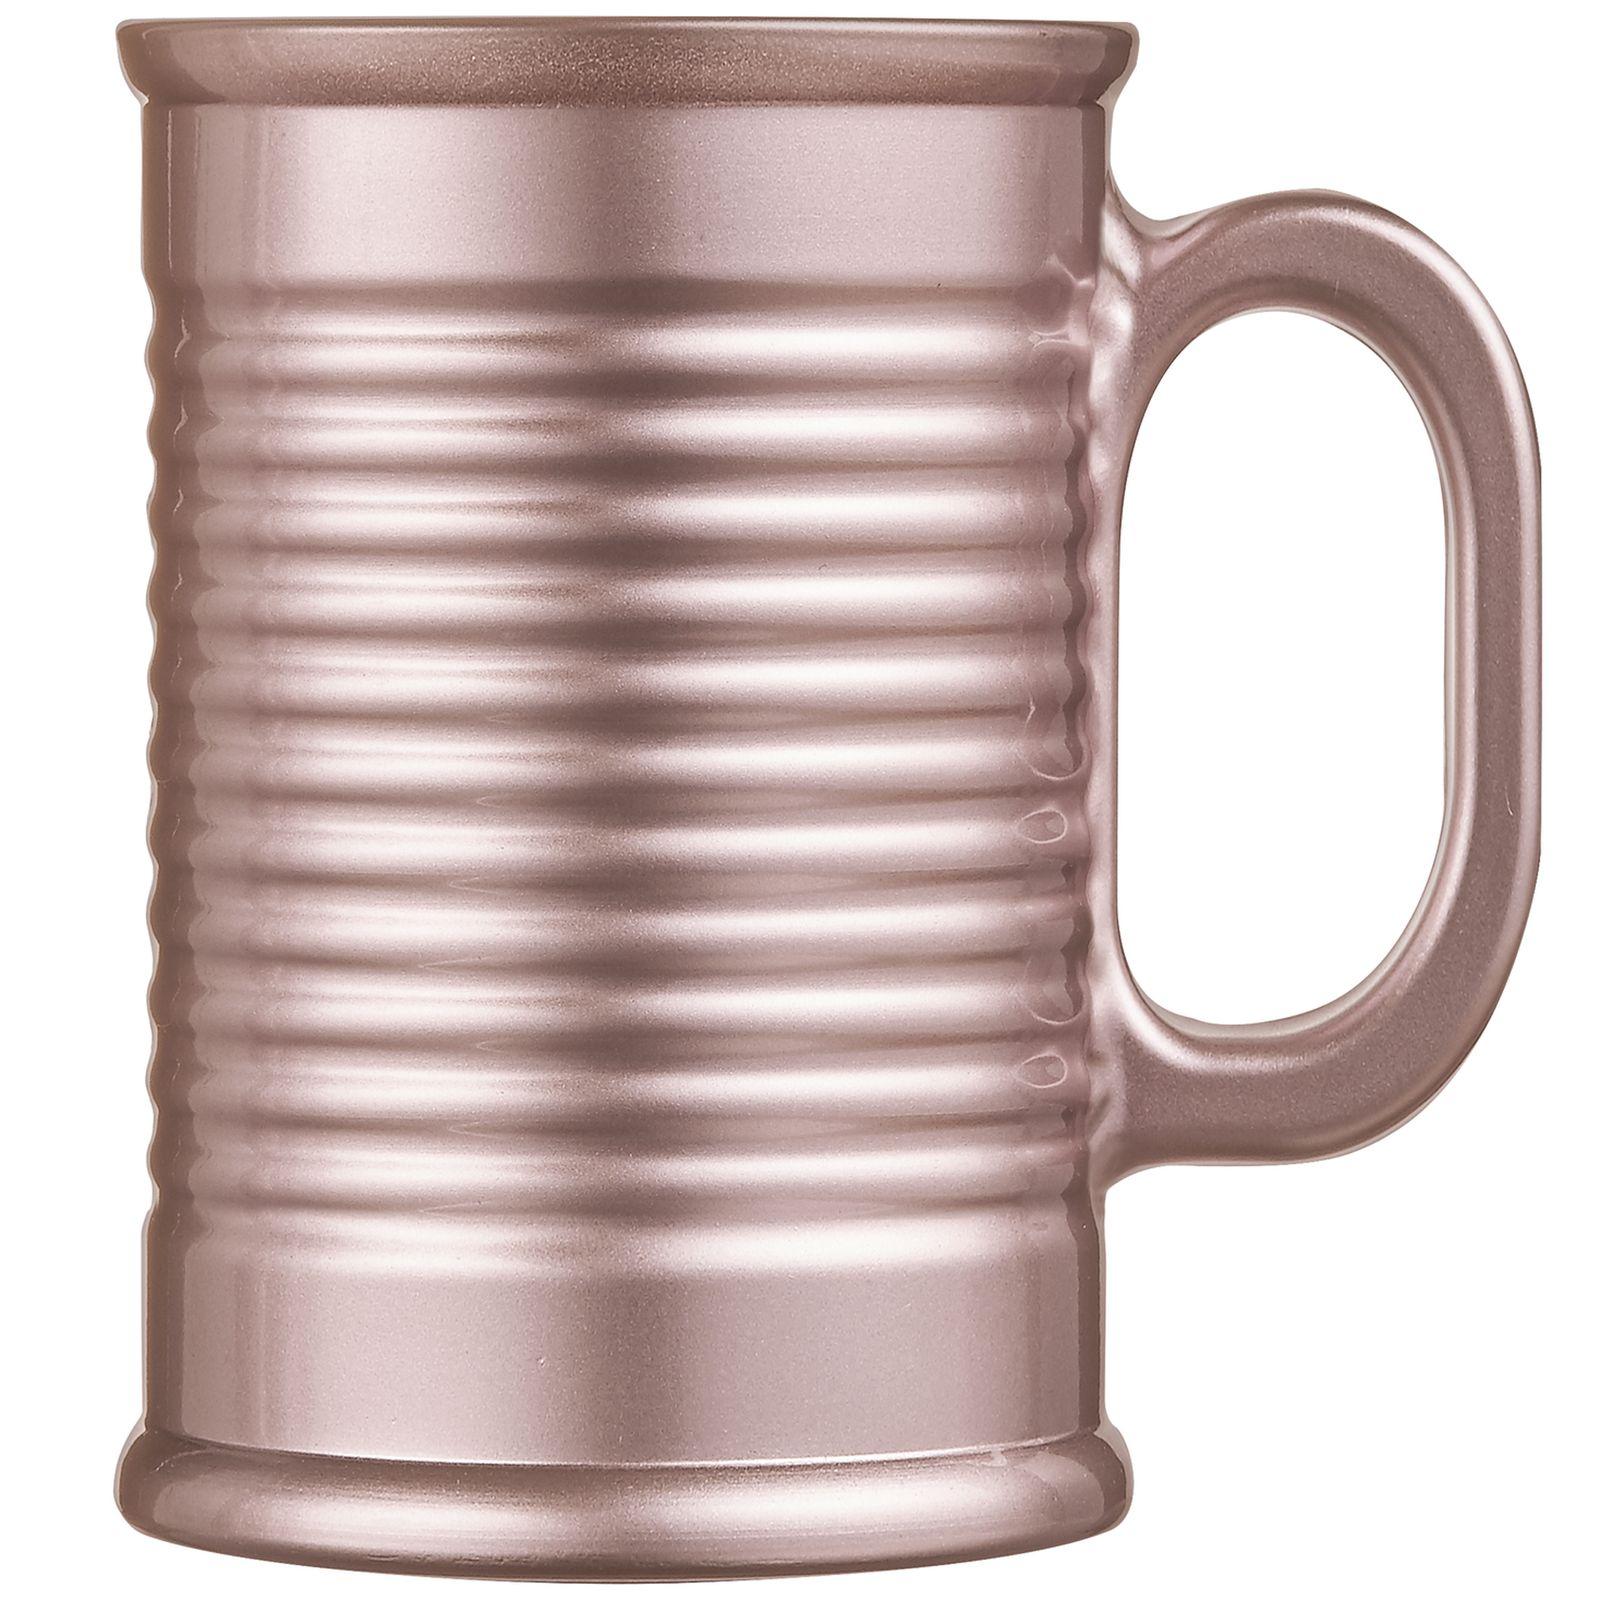 Kubek Conserve Moi 320 ml różowy-metalik LUMINARC